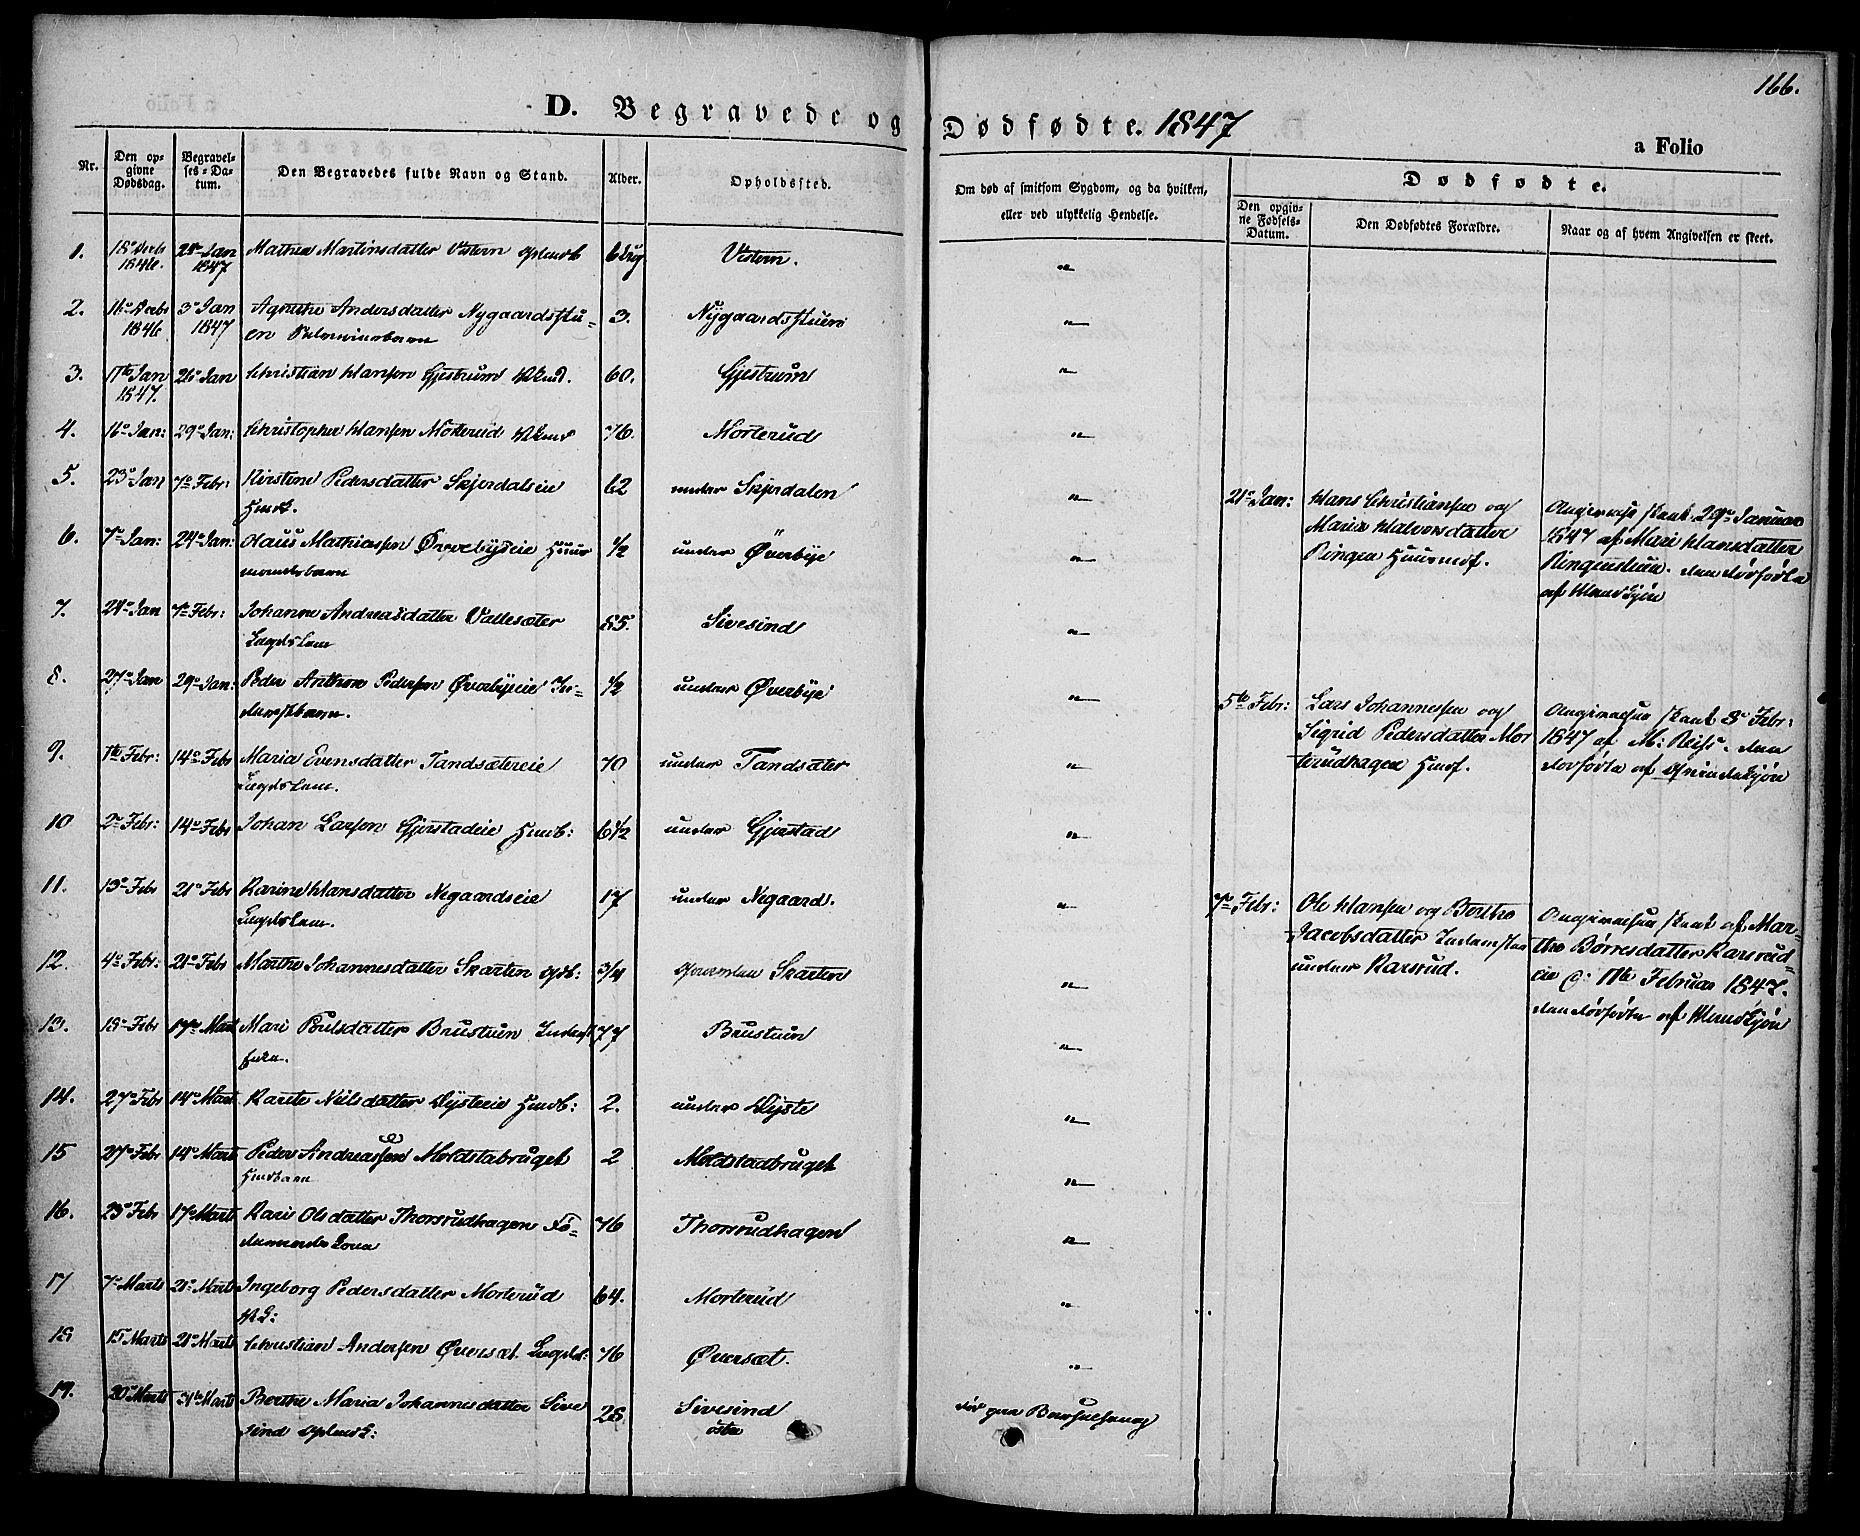 SAH, Vestre Toten prestekontor, Ministerialbok nr. 4, 1844-1849, s. 166